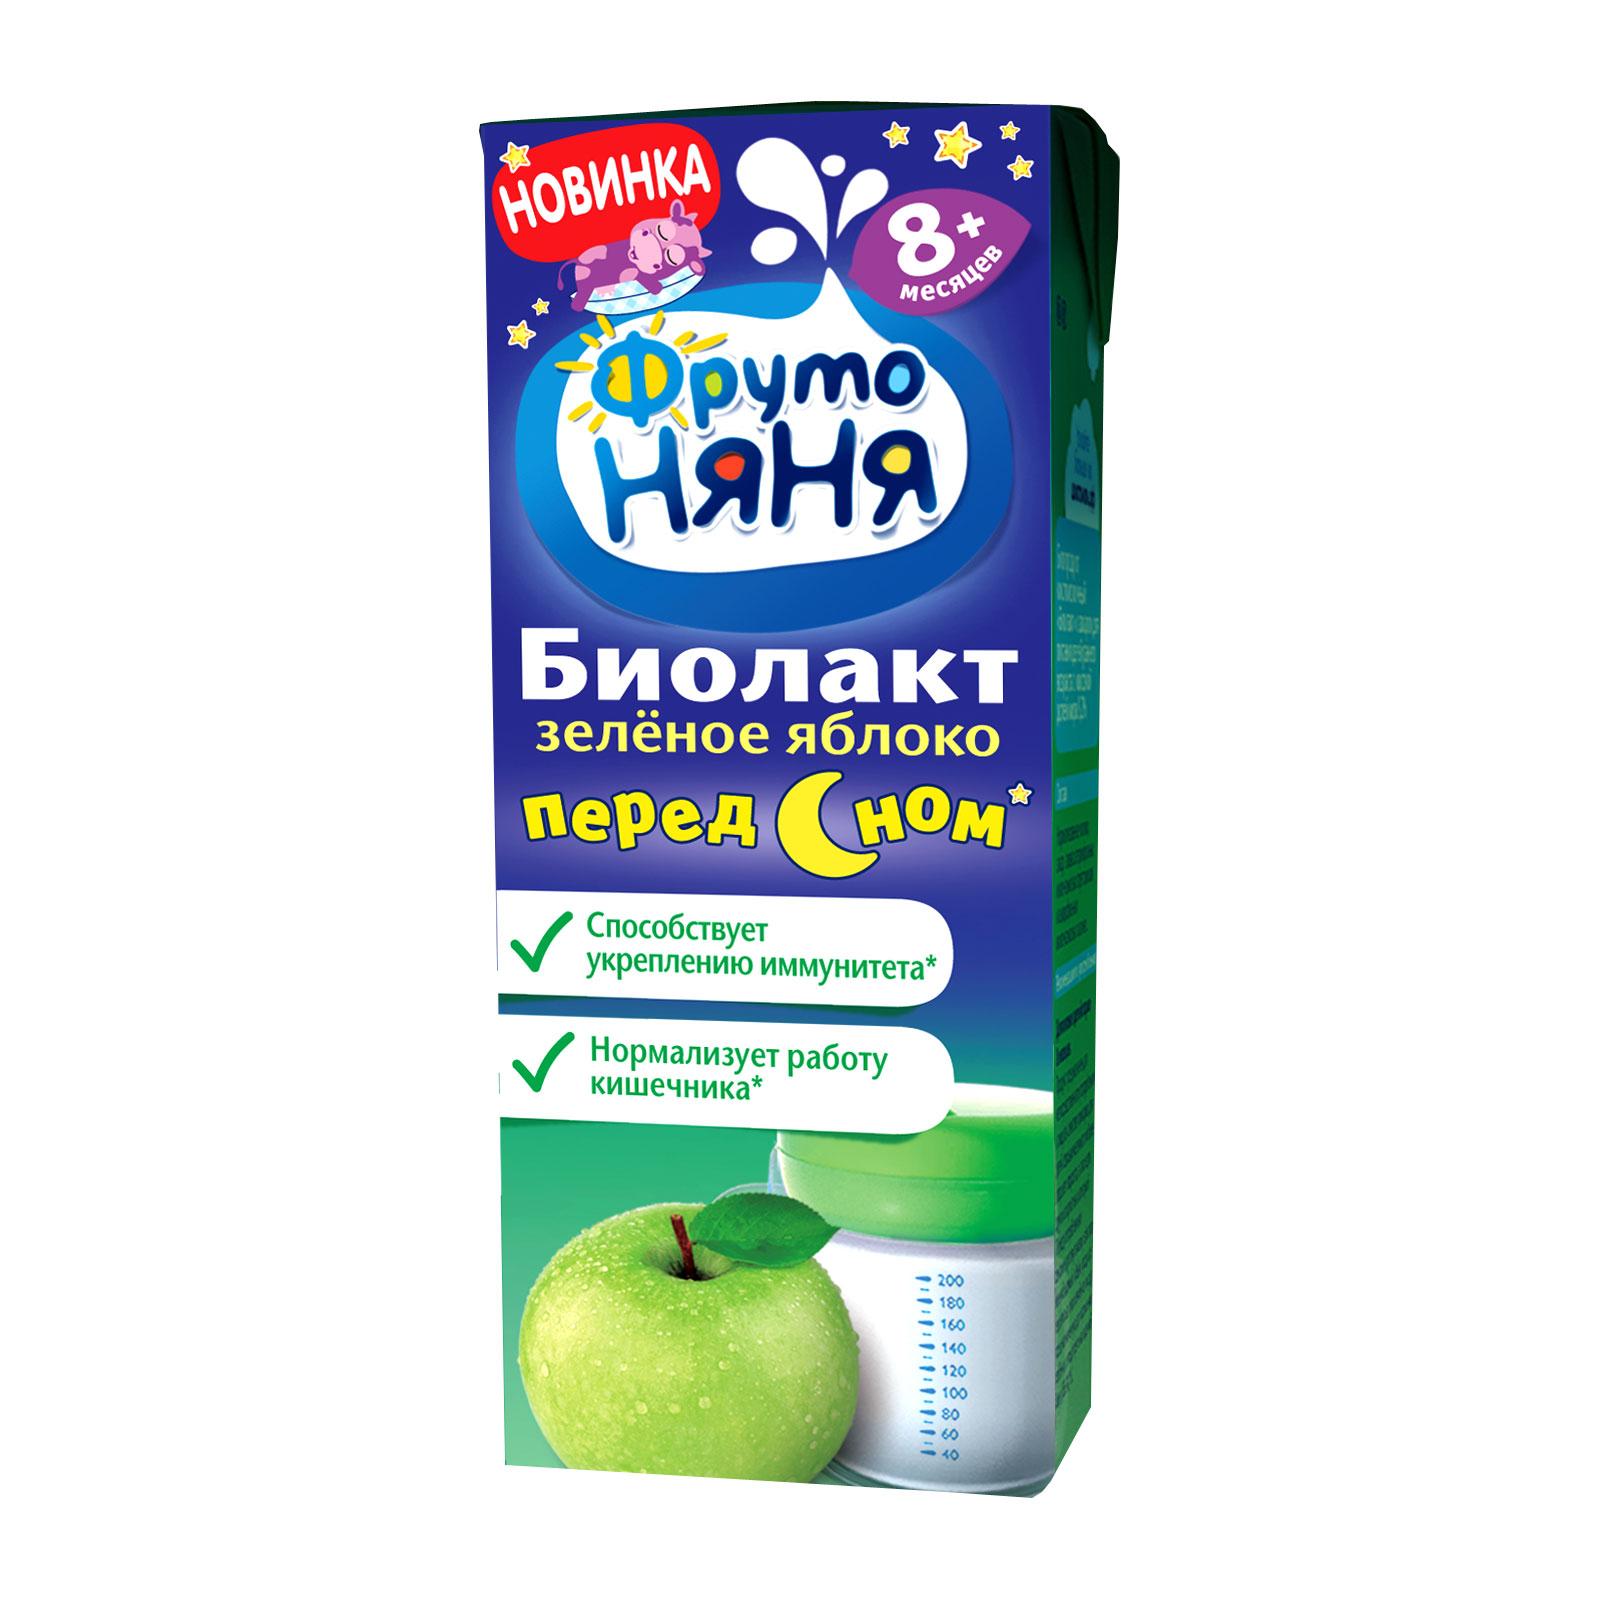 Напиток кисломолочный ФрутоНяня Биолакт 200 мл Зеленое яблоко 2,9% (с 8 мес)<br>